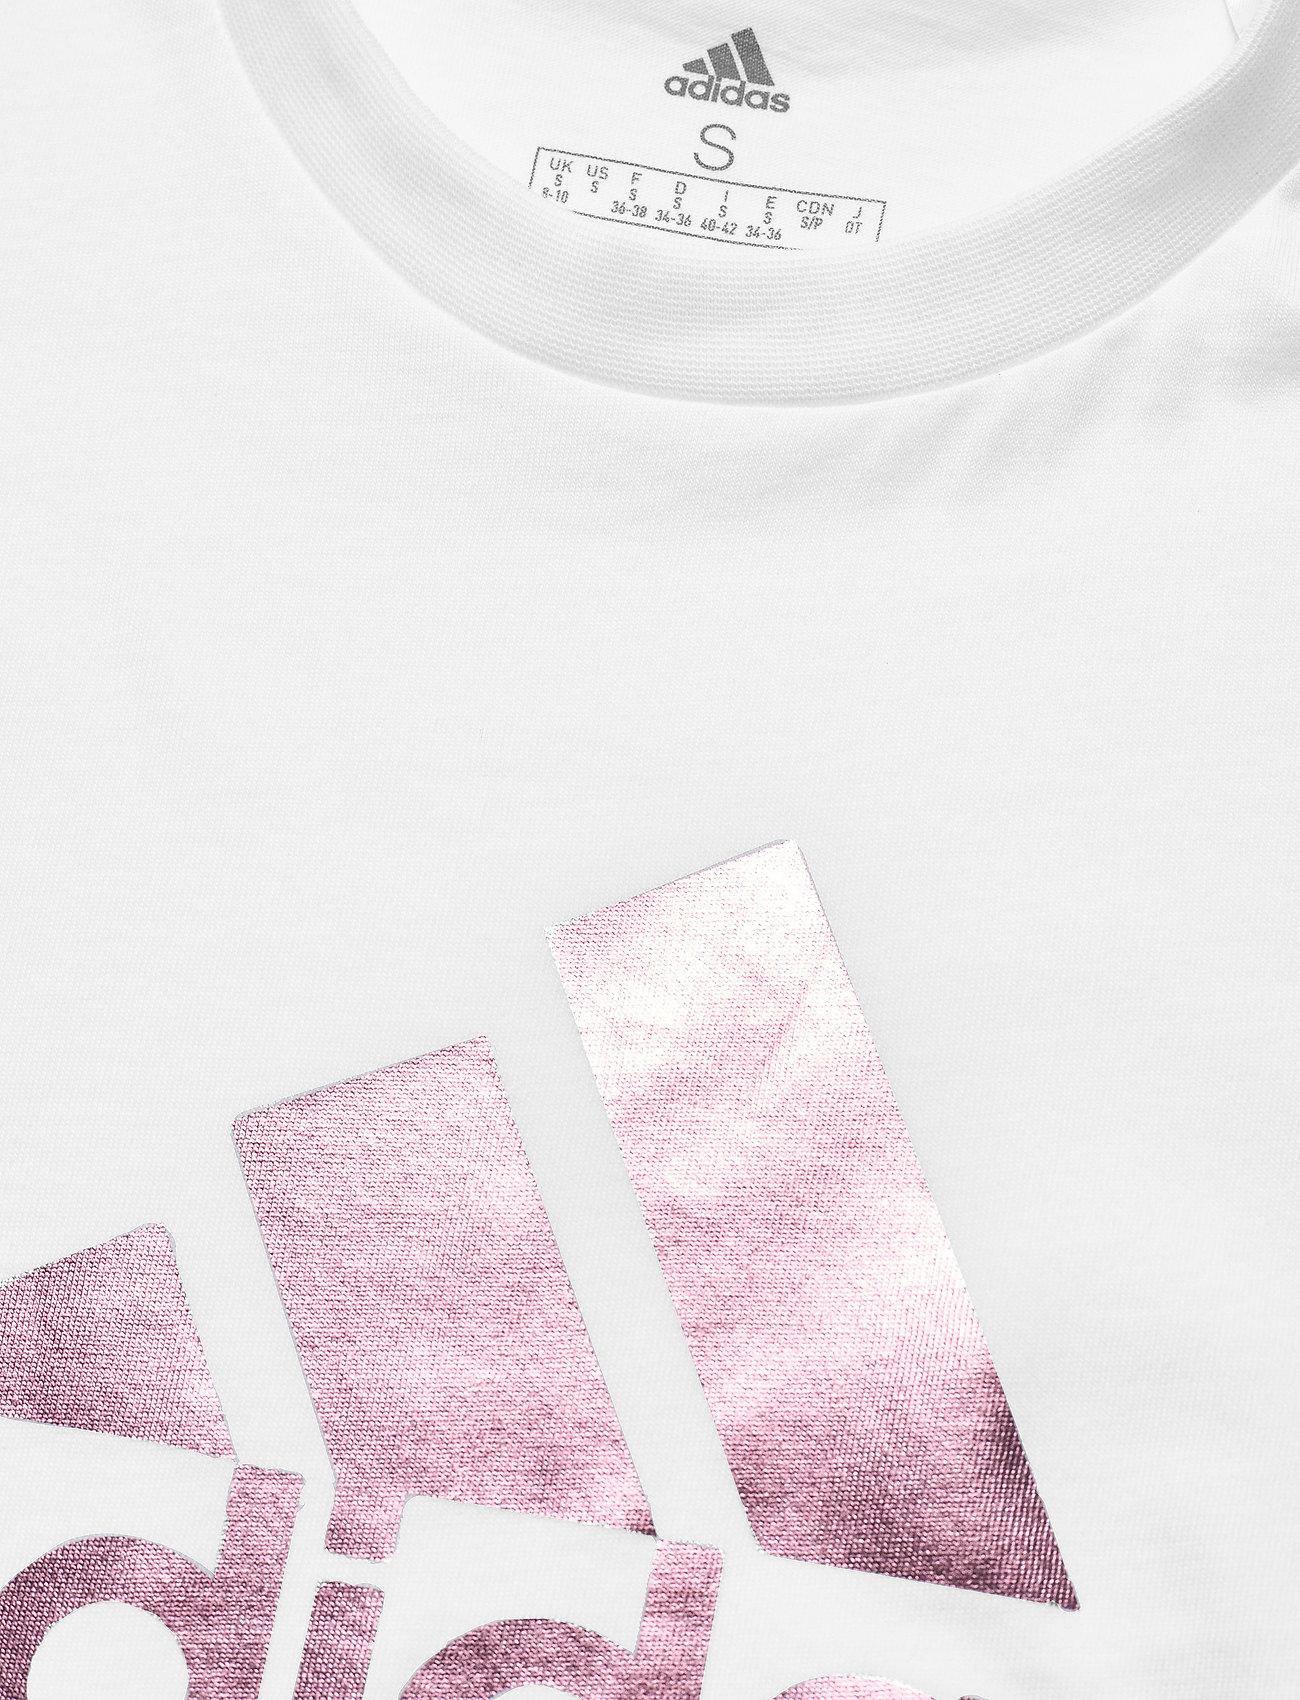 Univvol Tee 2 W (White) (18.71 €) - adidas Performance 4zLjE